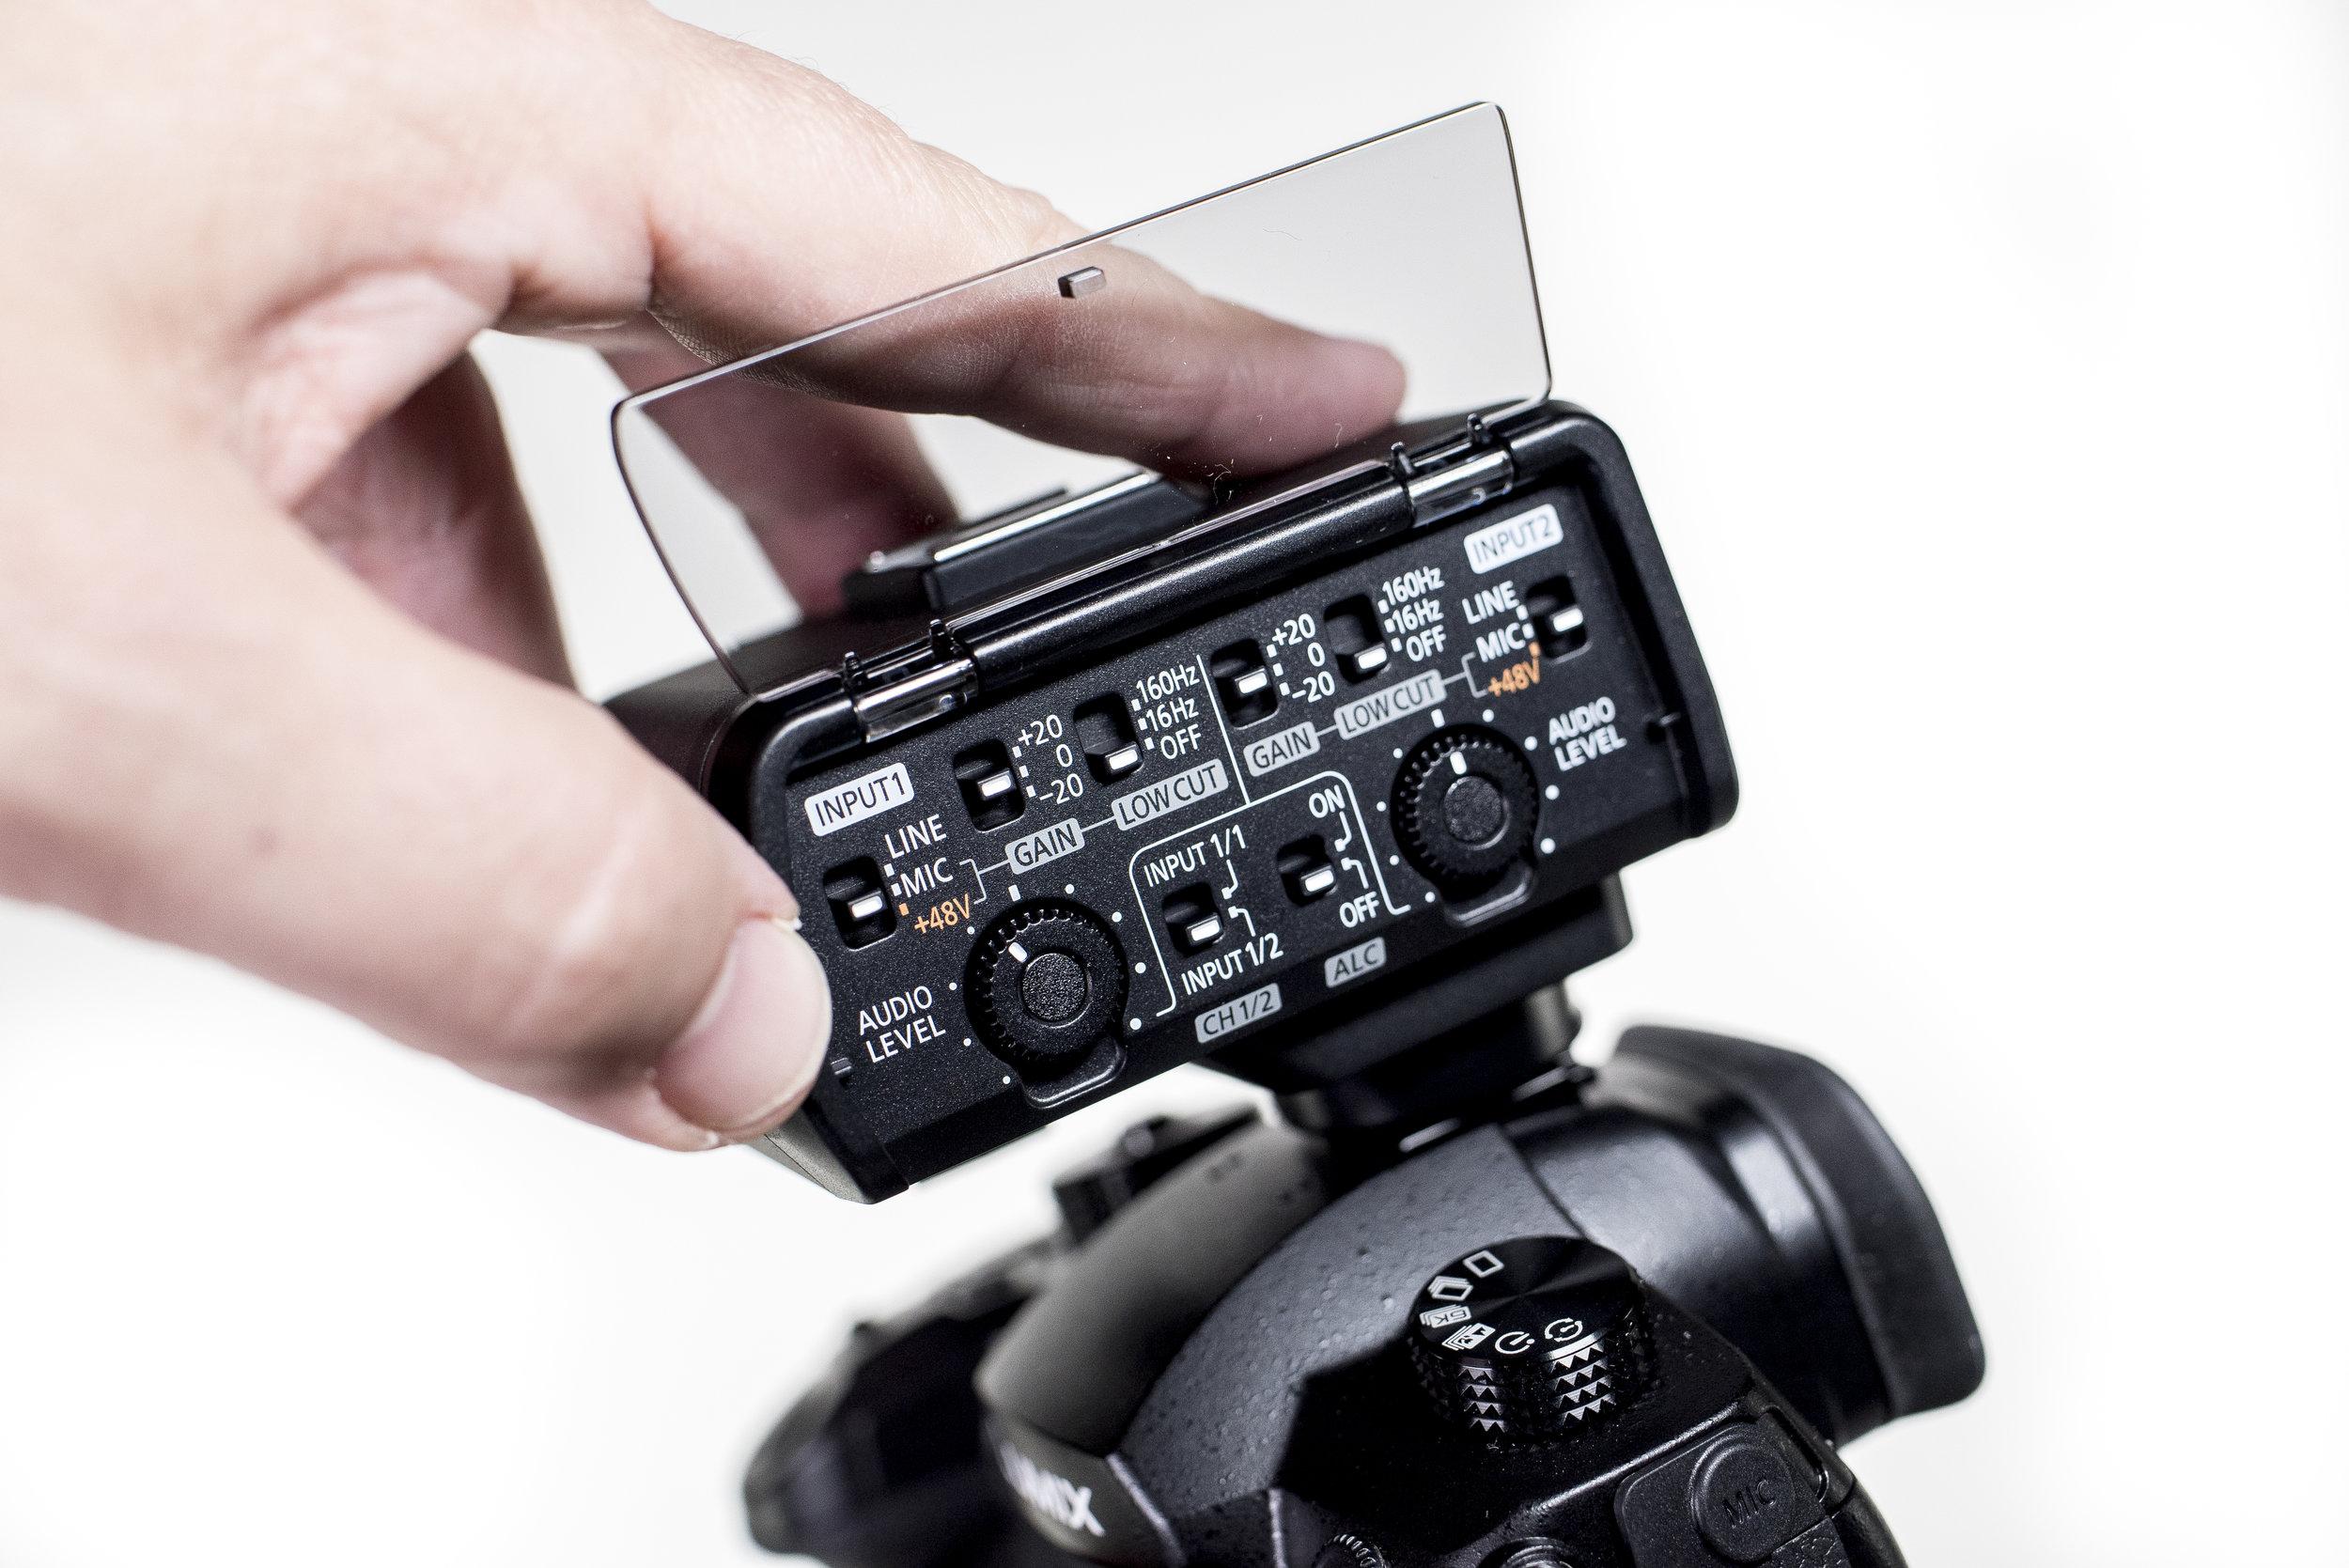 Om vi skulle köpa kameran för att filma, skulle DMW-XLR1 vara det första tillbehör vi köpte till kameran. Det ger två XLR-ingångar med +48-volts fantommatning och ljudkontroll direkt in i kameran via kontakter i blixtskon.